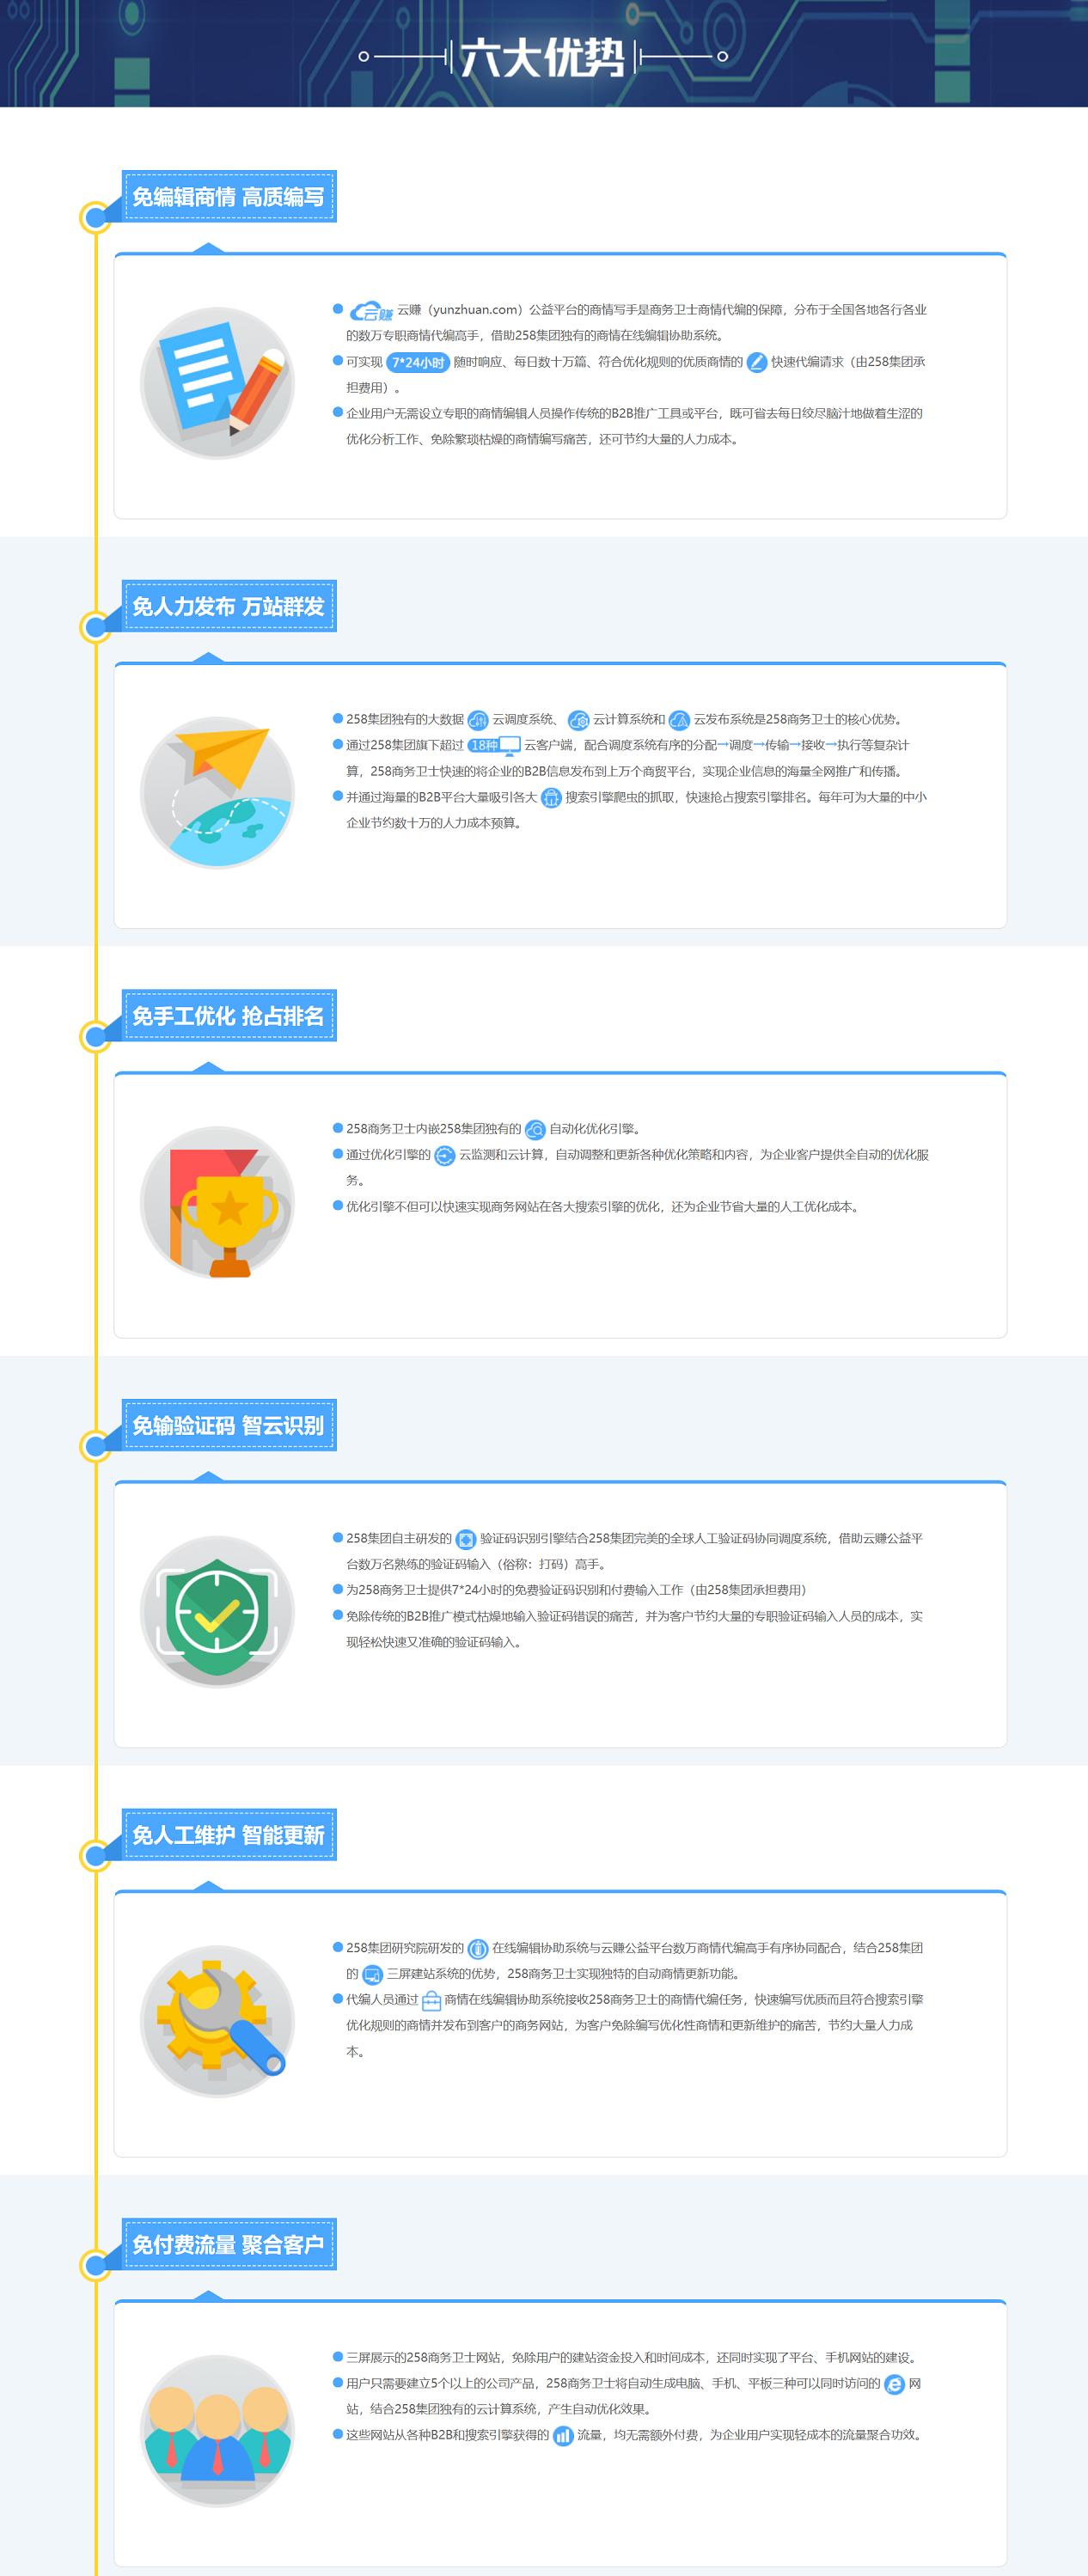 独特优势_企业网络推广_B2信息发布_全自动整合营销工具软件-258商务卫士.png